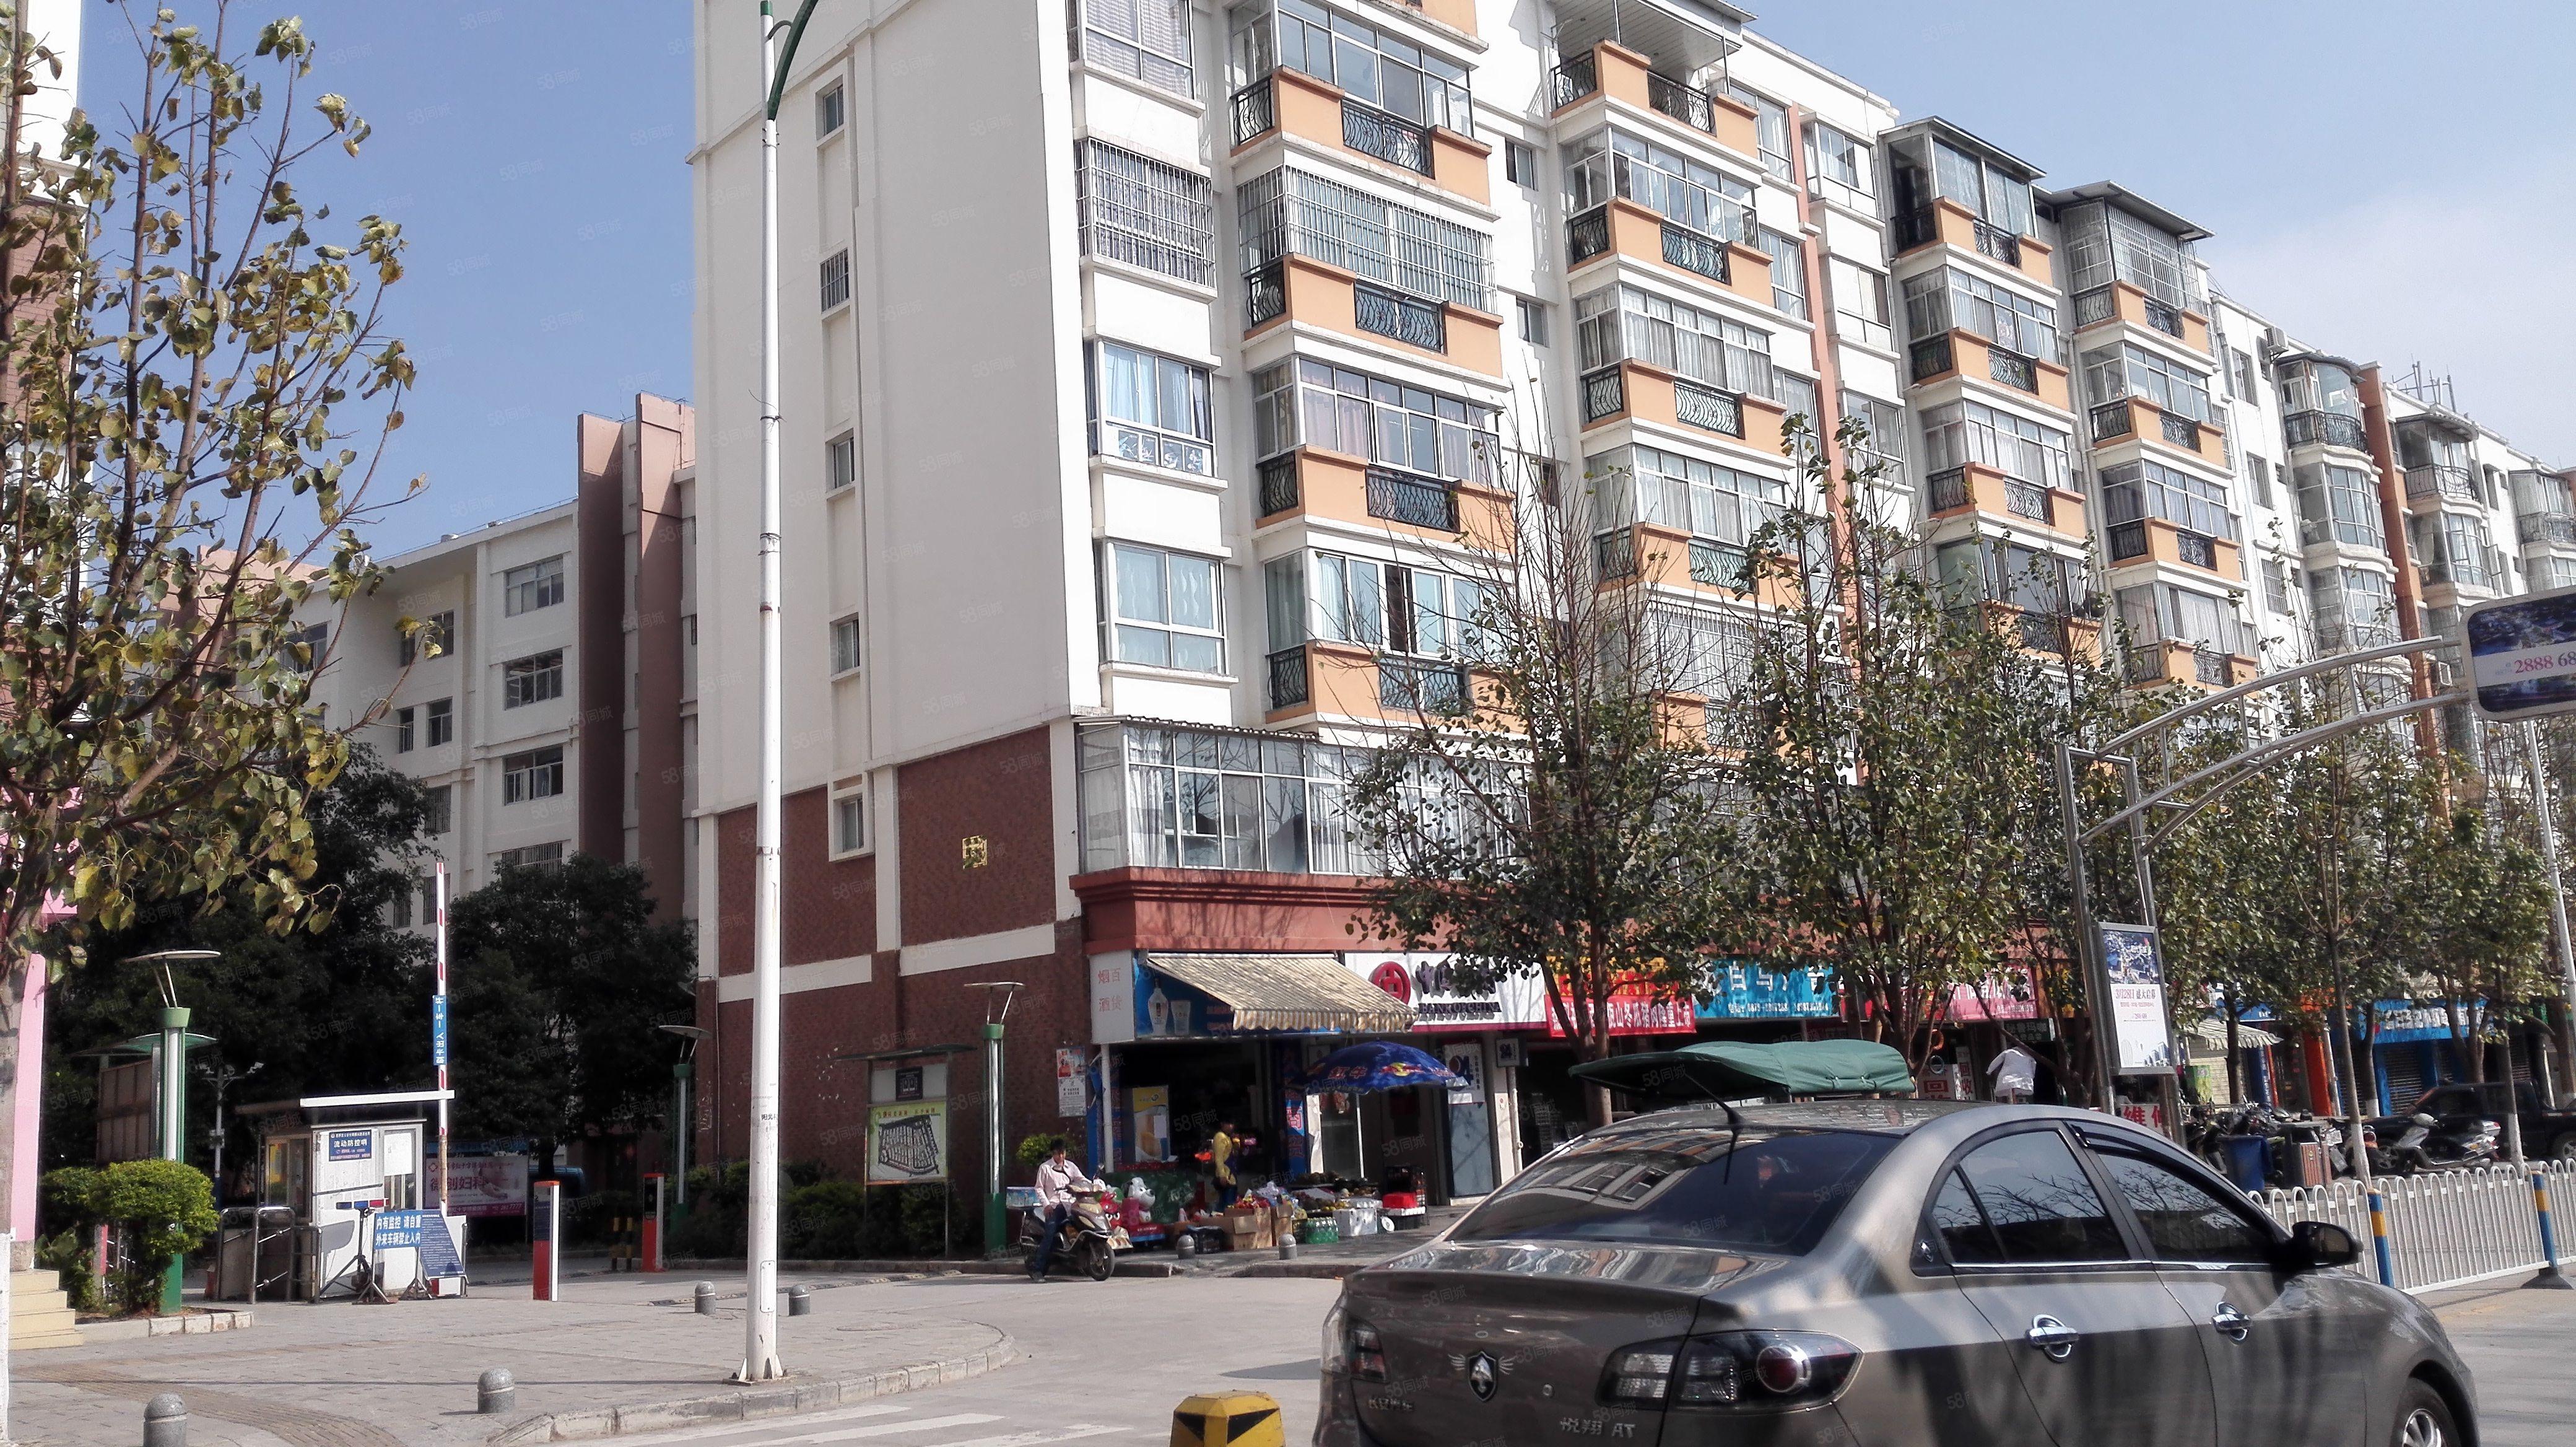 阳光新城住房出售,140平米,二小学期,两证齐全,70万出售